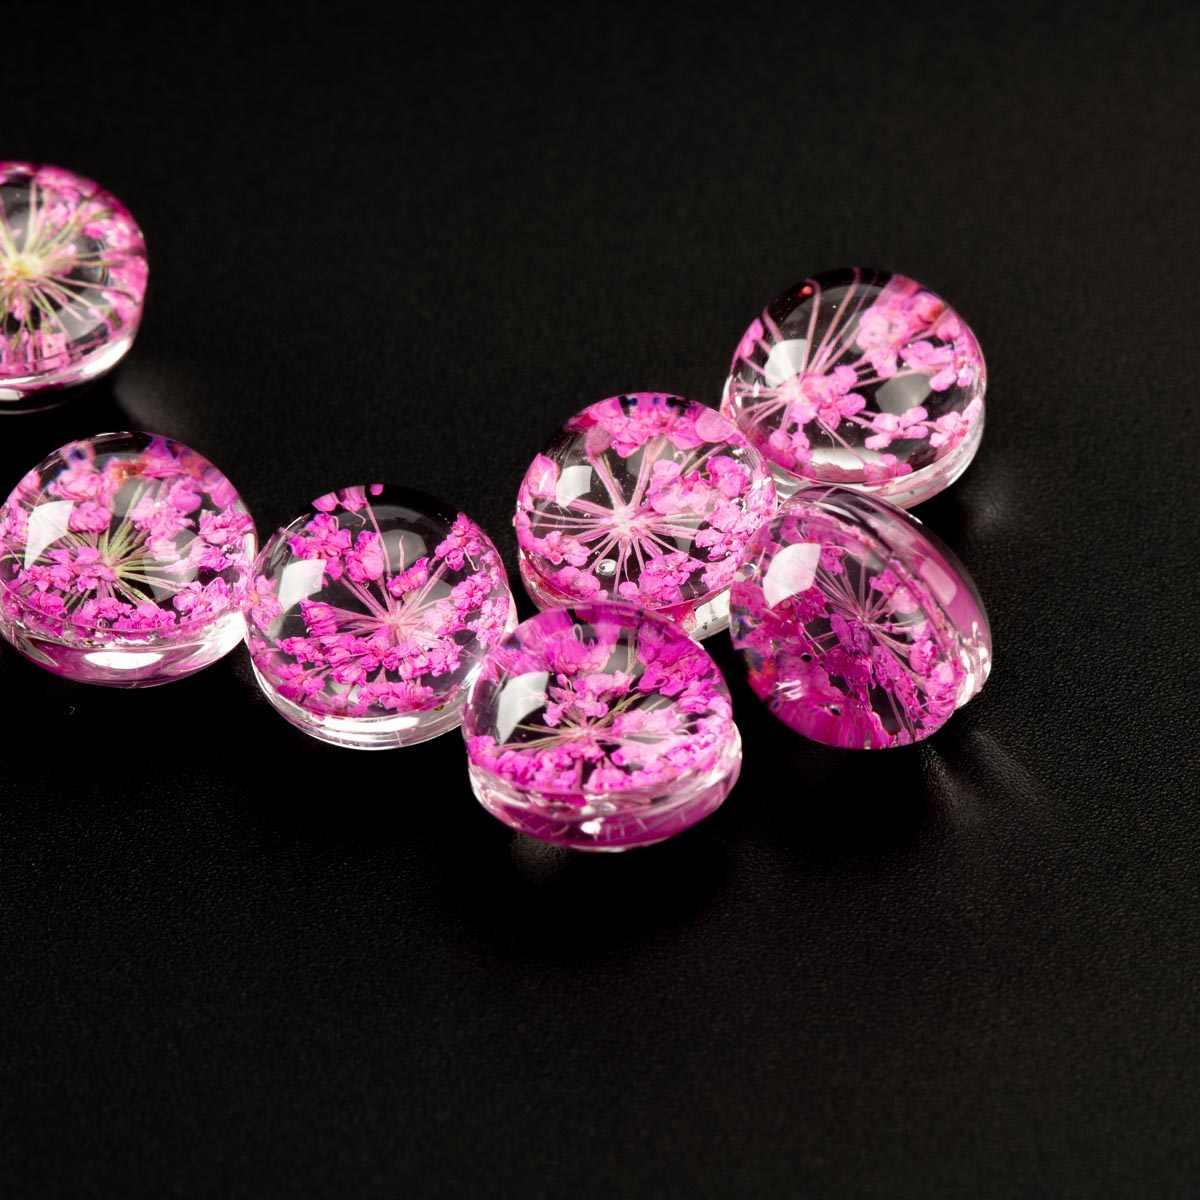 מיובש פרח ב זכוכית חרוז פרח תכשיטי חרוזים סט עבור DIY עגילי צמיד קולר שרשרת תכשיטי ביצוע חרוזים # IZ108